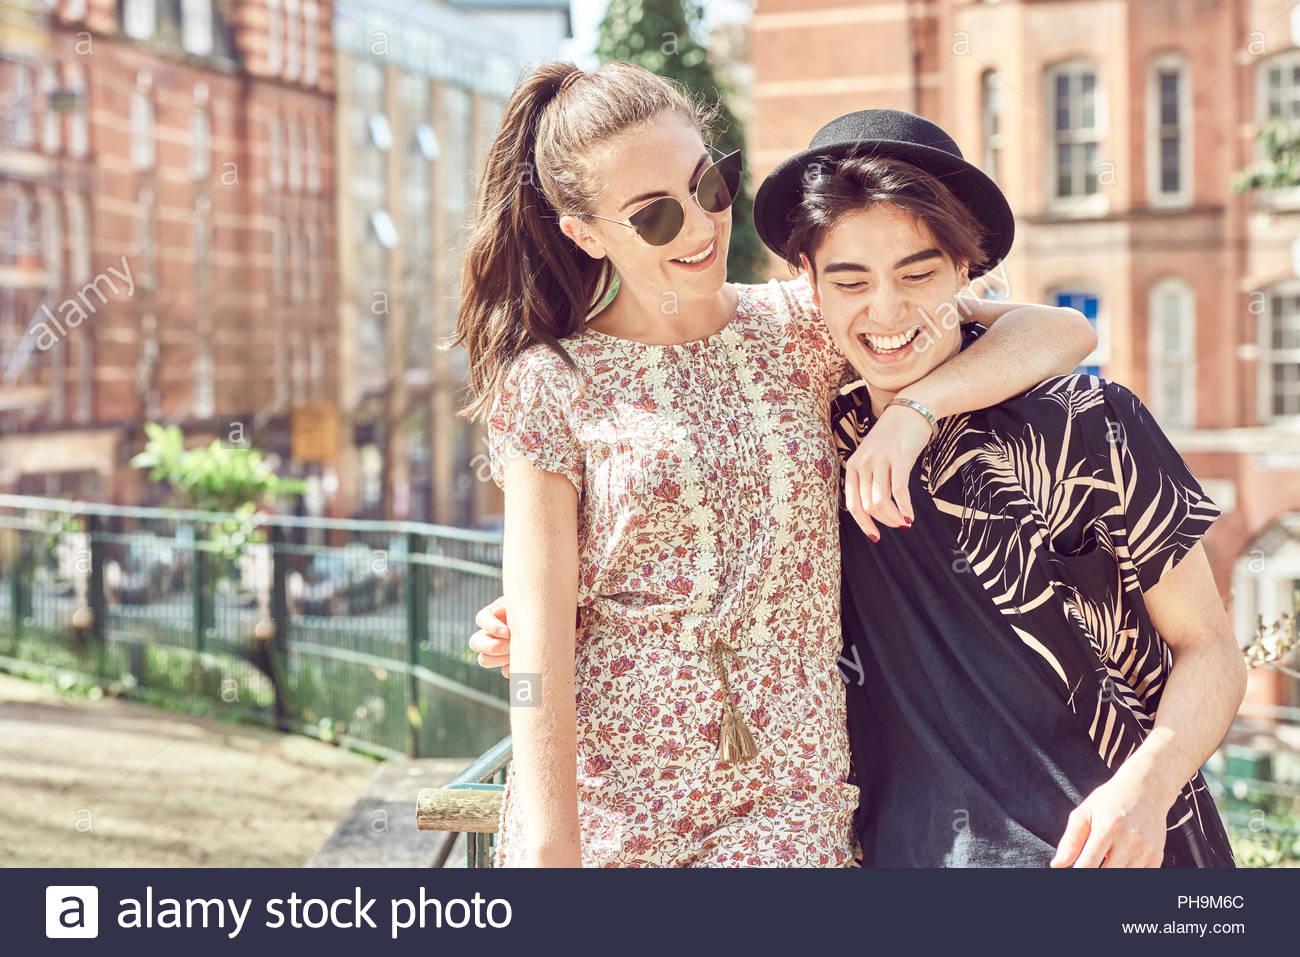 La pareja de adolescentes en park Imagen De Stock